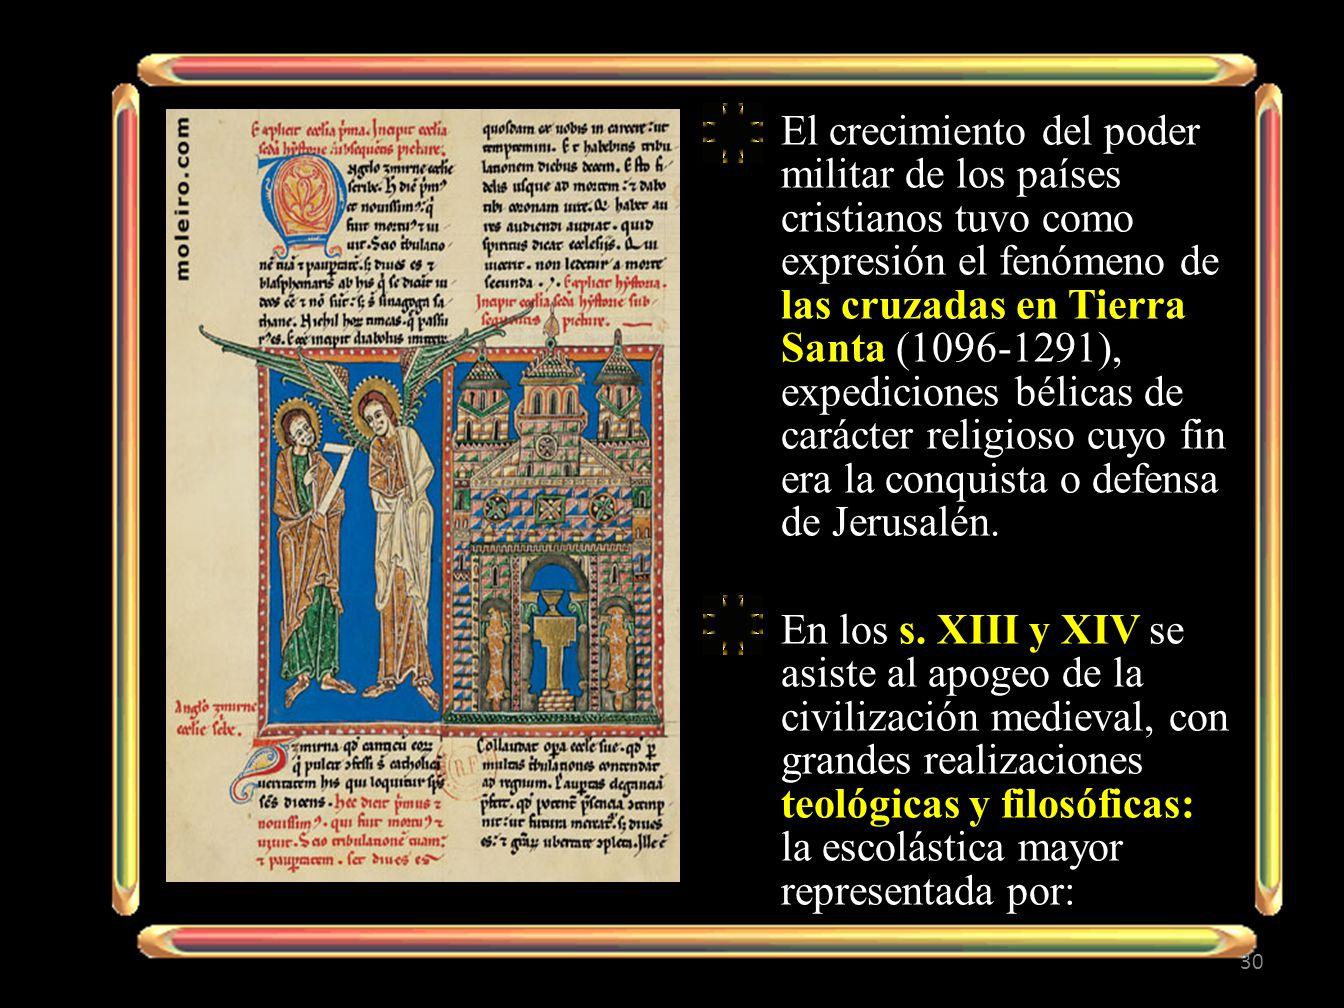 El crecimiento del poder militar de los países cristianos tuvo como expresión el fenómeno de las cruzadas en Tierra Santa (1096-1291), expediciones bélicas de carácter religioso cuyo fin era la conquista o defensa de Jerusalén.